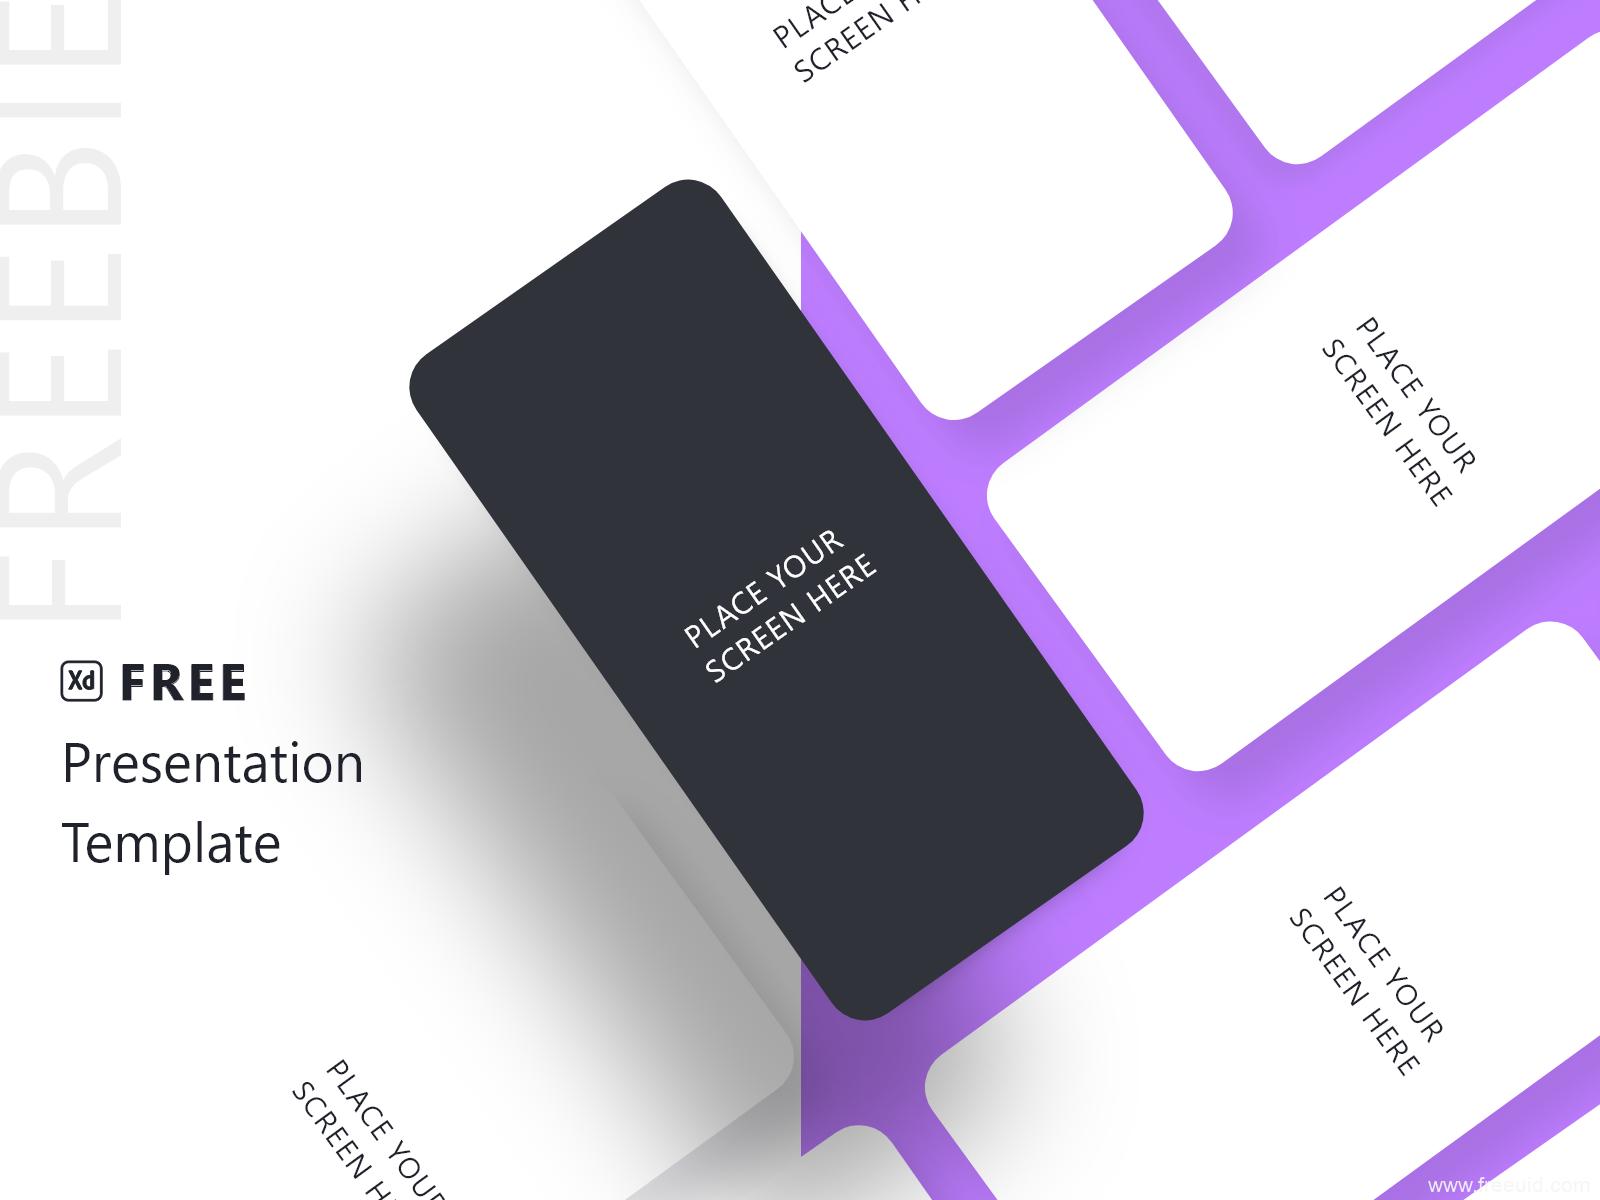 免费UI作品展示样机mockup,简约线框手机样机xd源文件下载